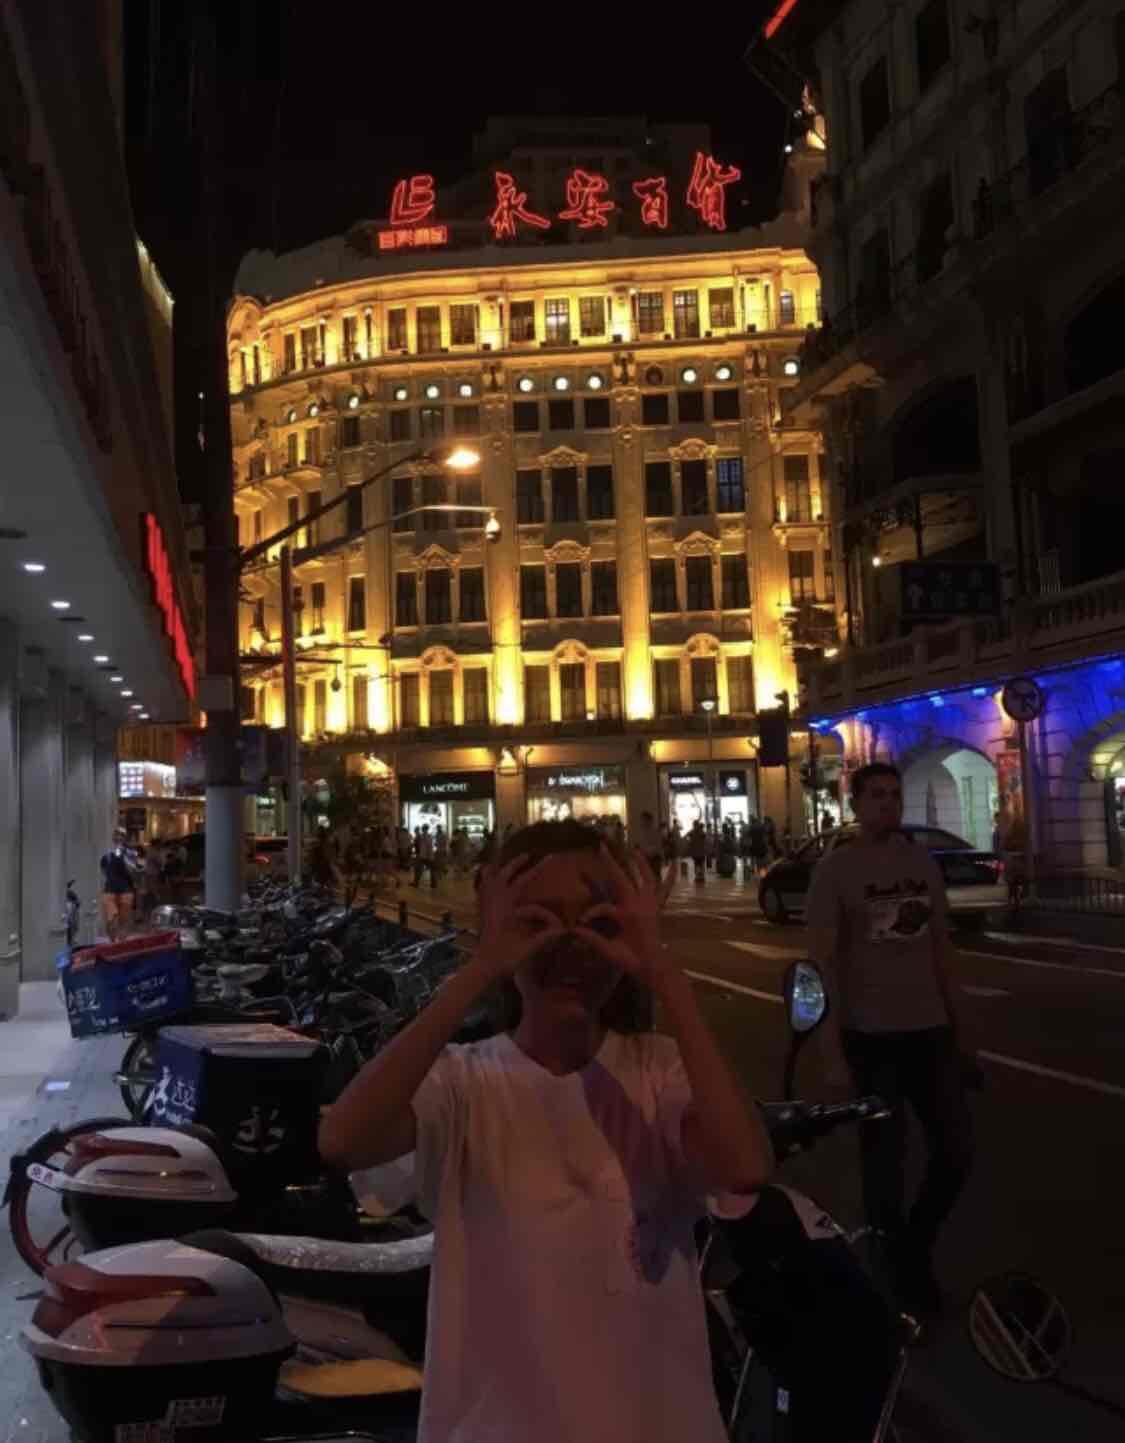 上海哪里的夜景好看,适合感受夜上海? 上海旅游 旅游问答  第3张